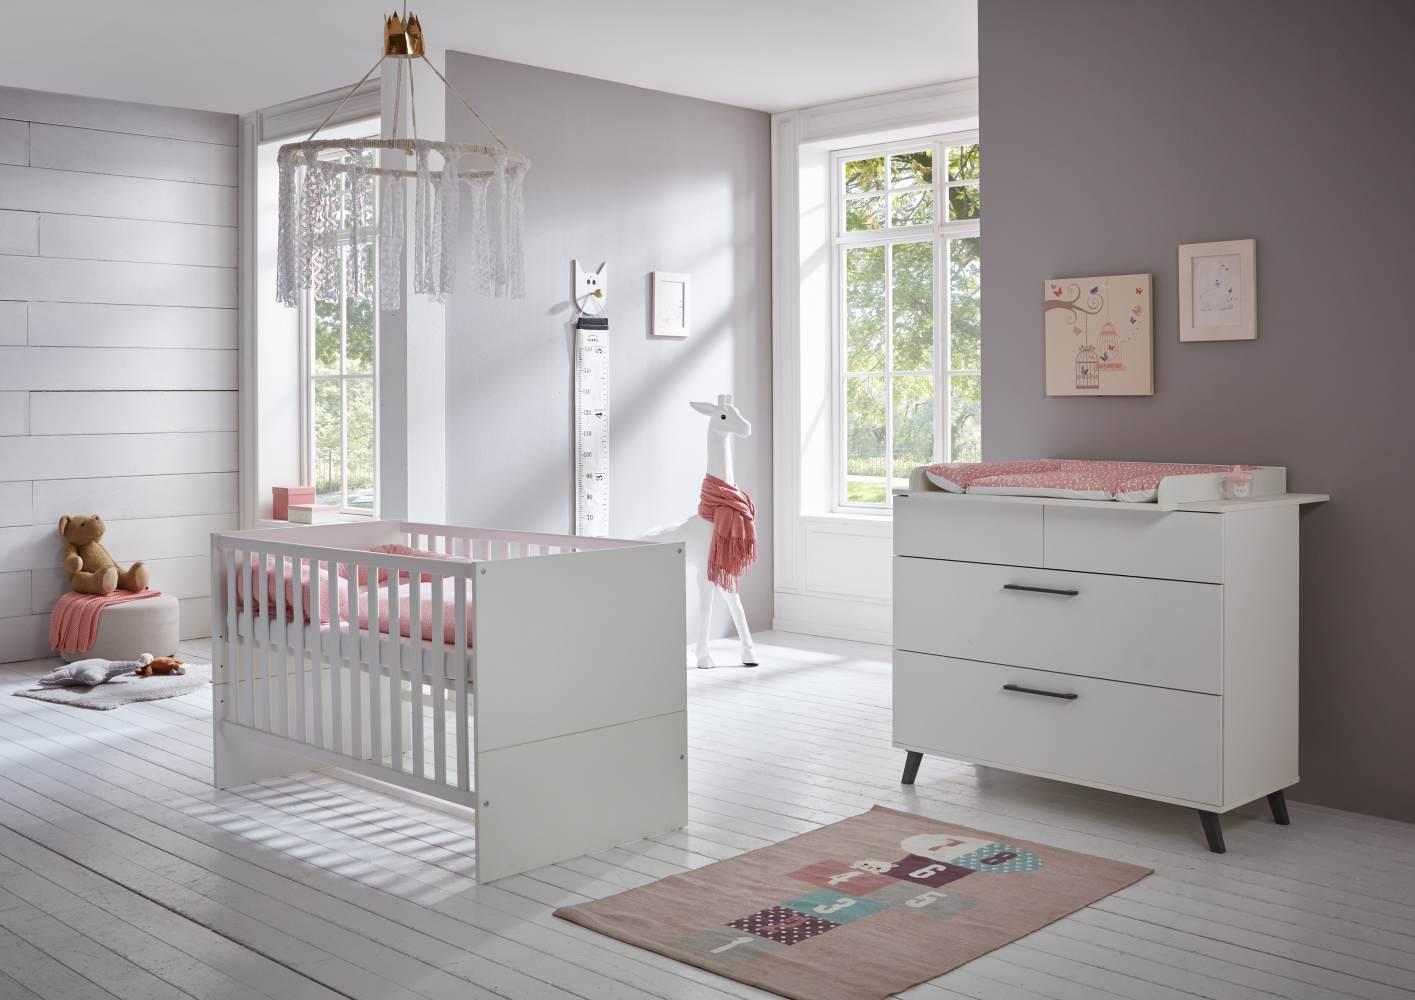 Arthur Berndt 'Amal' Babyzimmer Sparset 2-teilig, Kinderbett (70 x 140 cm) und Wickelkommode mit Wickelaufsatz Kreideweiß Bild 1